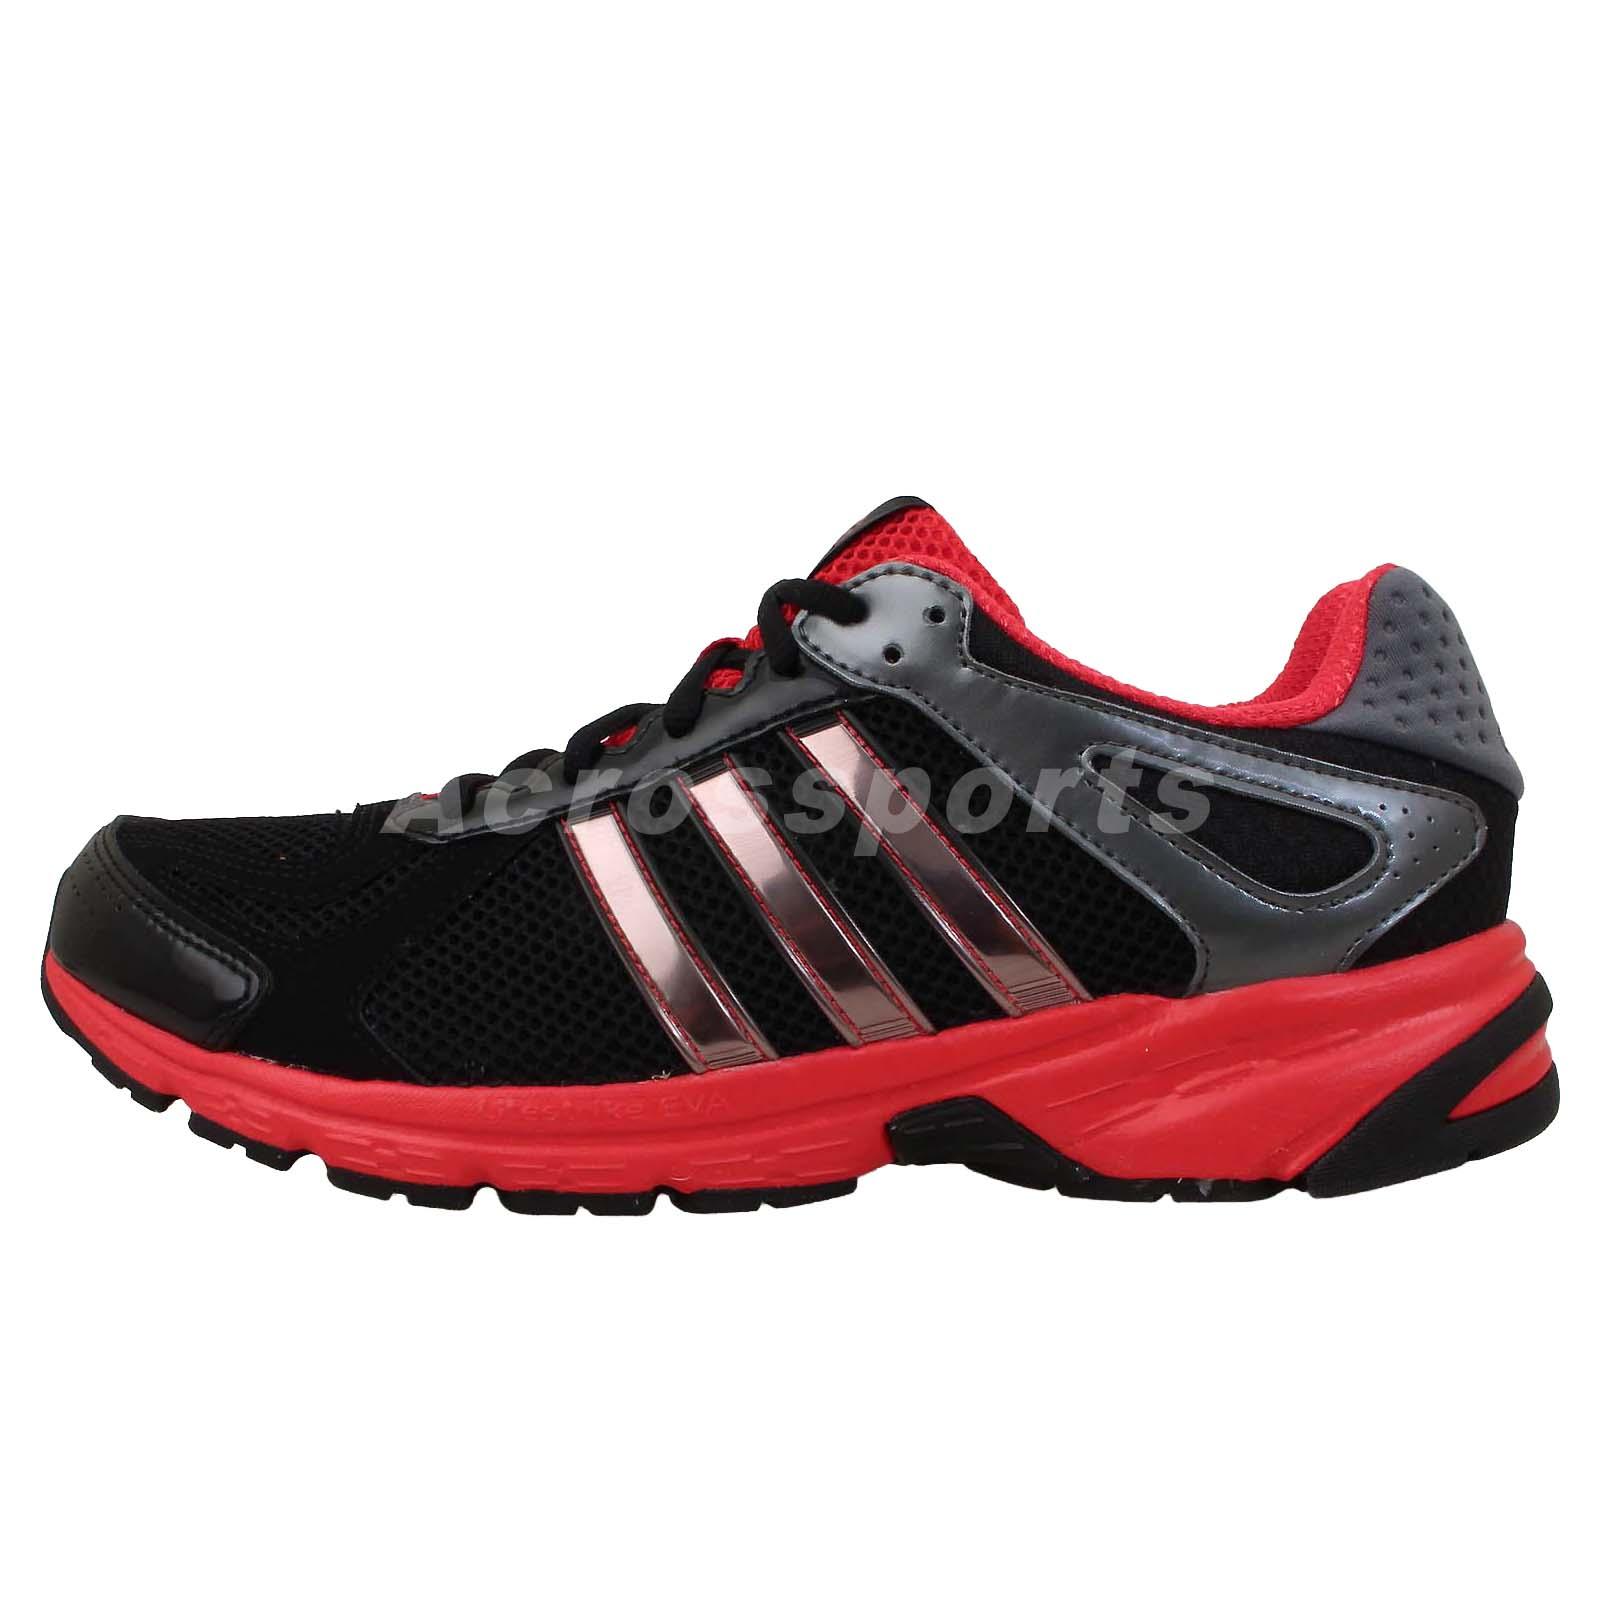 Adidas Duramo 5 Review